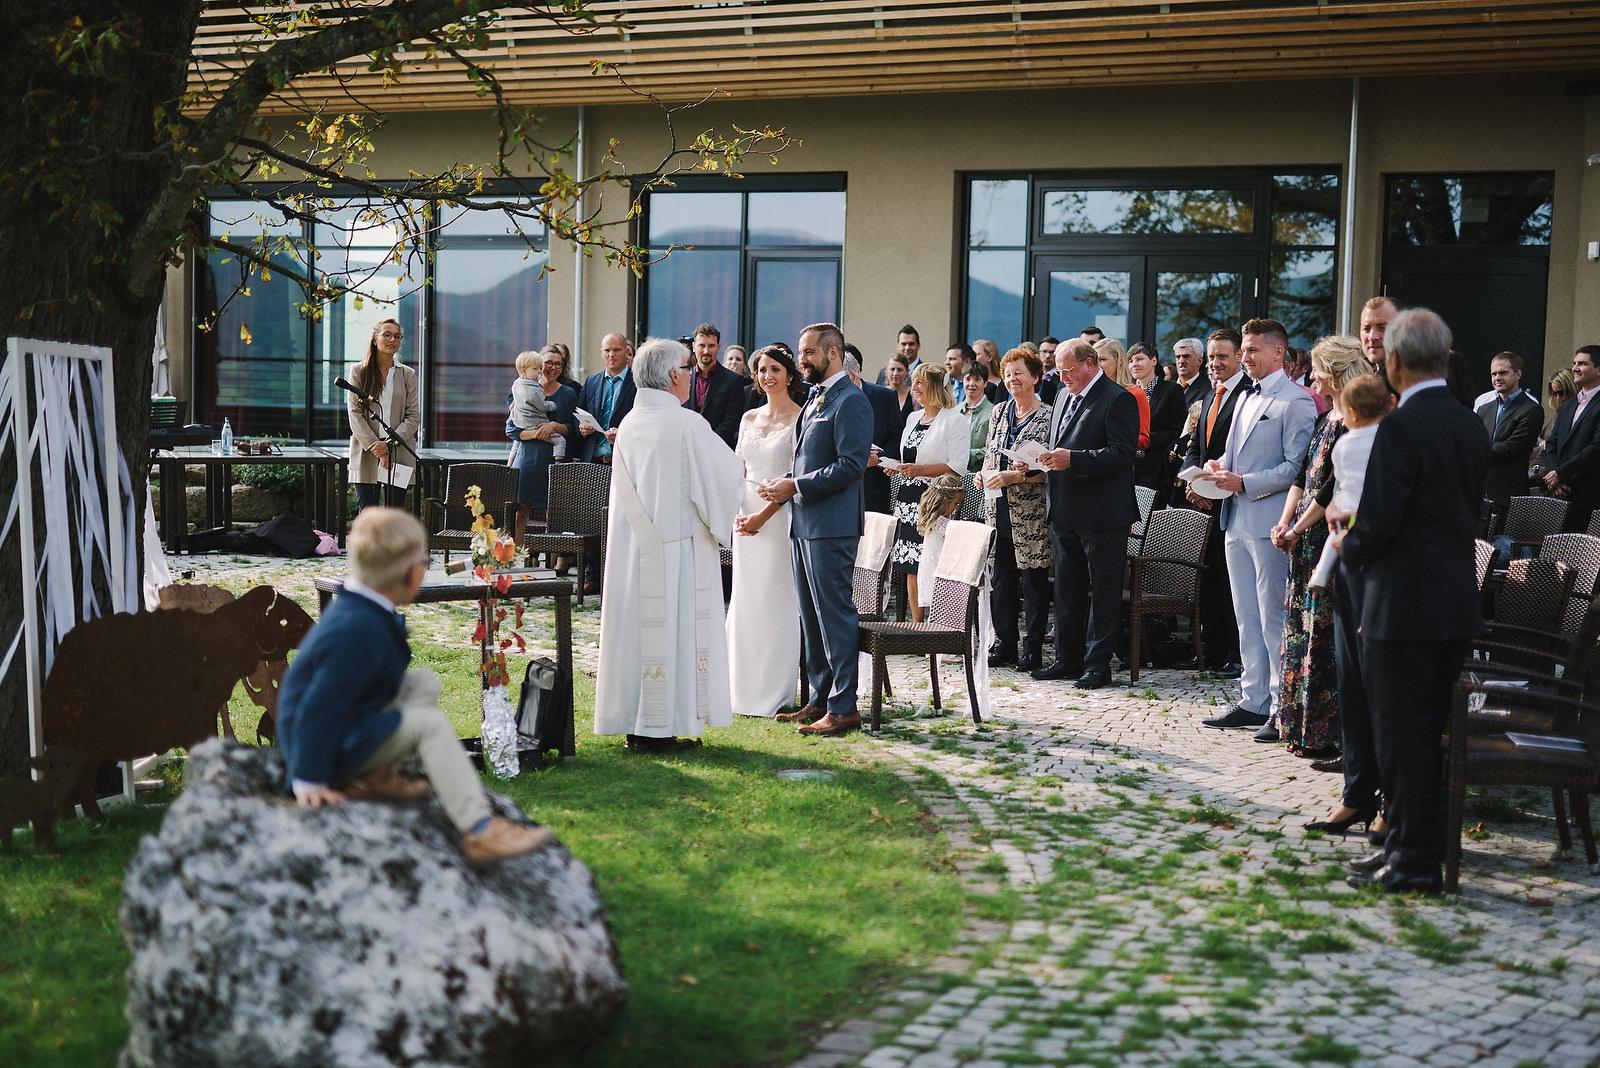 Fotograf Konstanz - Hochzeitsfotograf Reutlingen Achalm Hochzeit EFP 41 - Documentary wedding story on the Achalm, Reutlingen  - 34 -